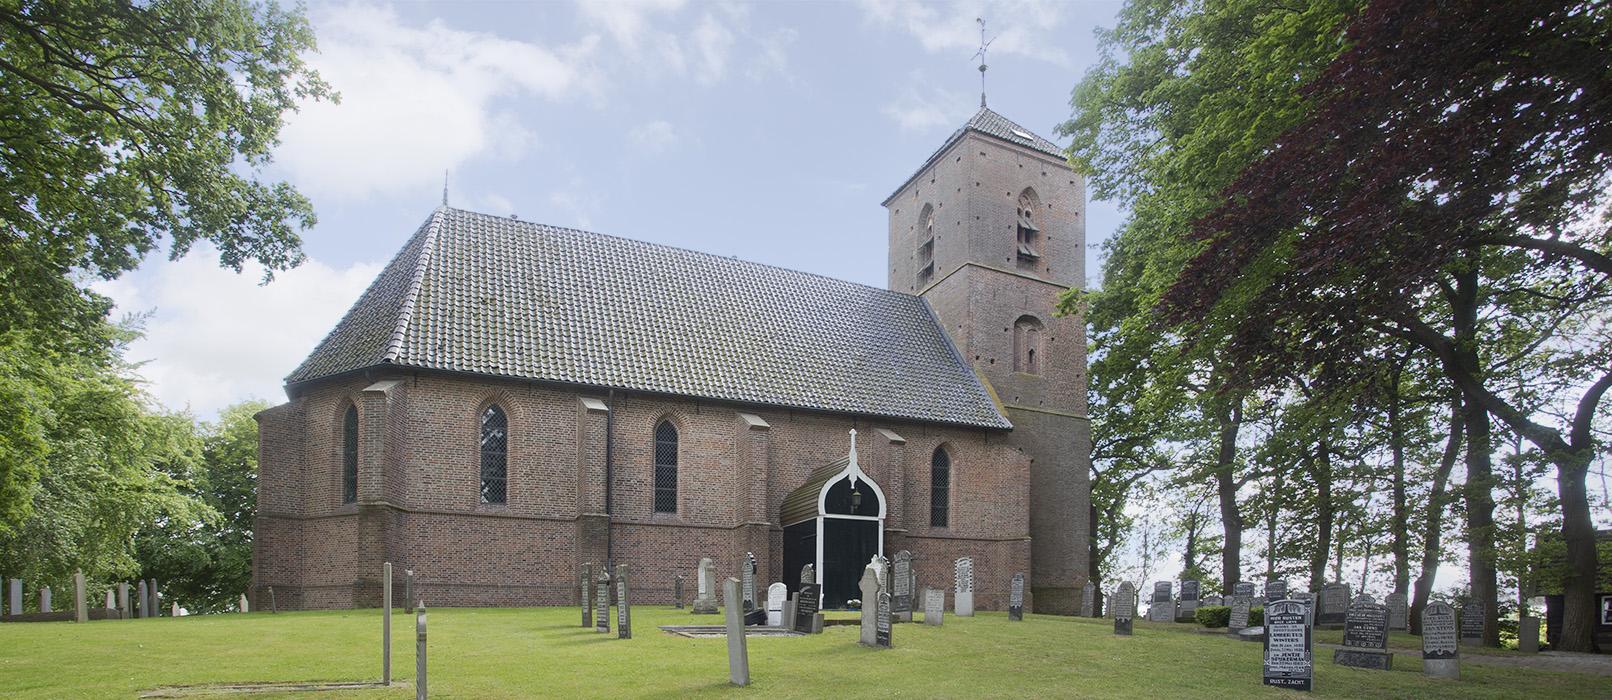 kerk2